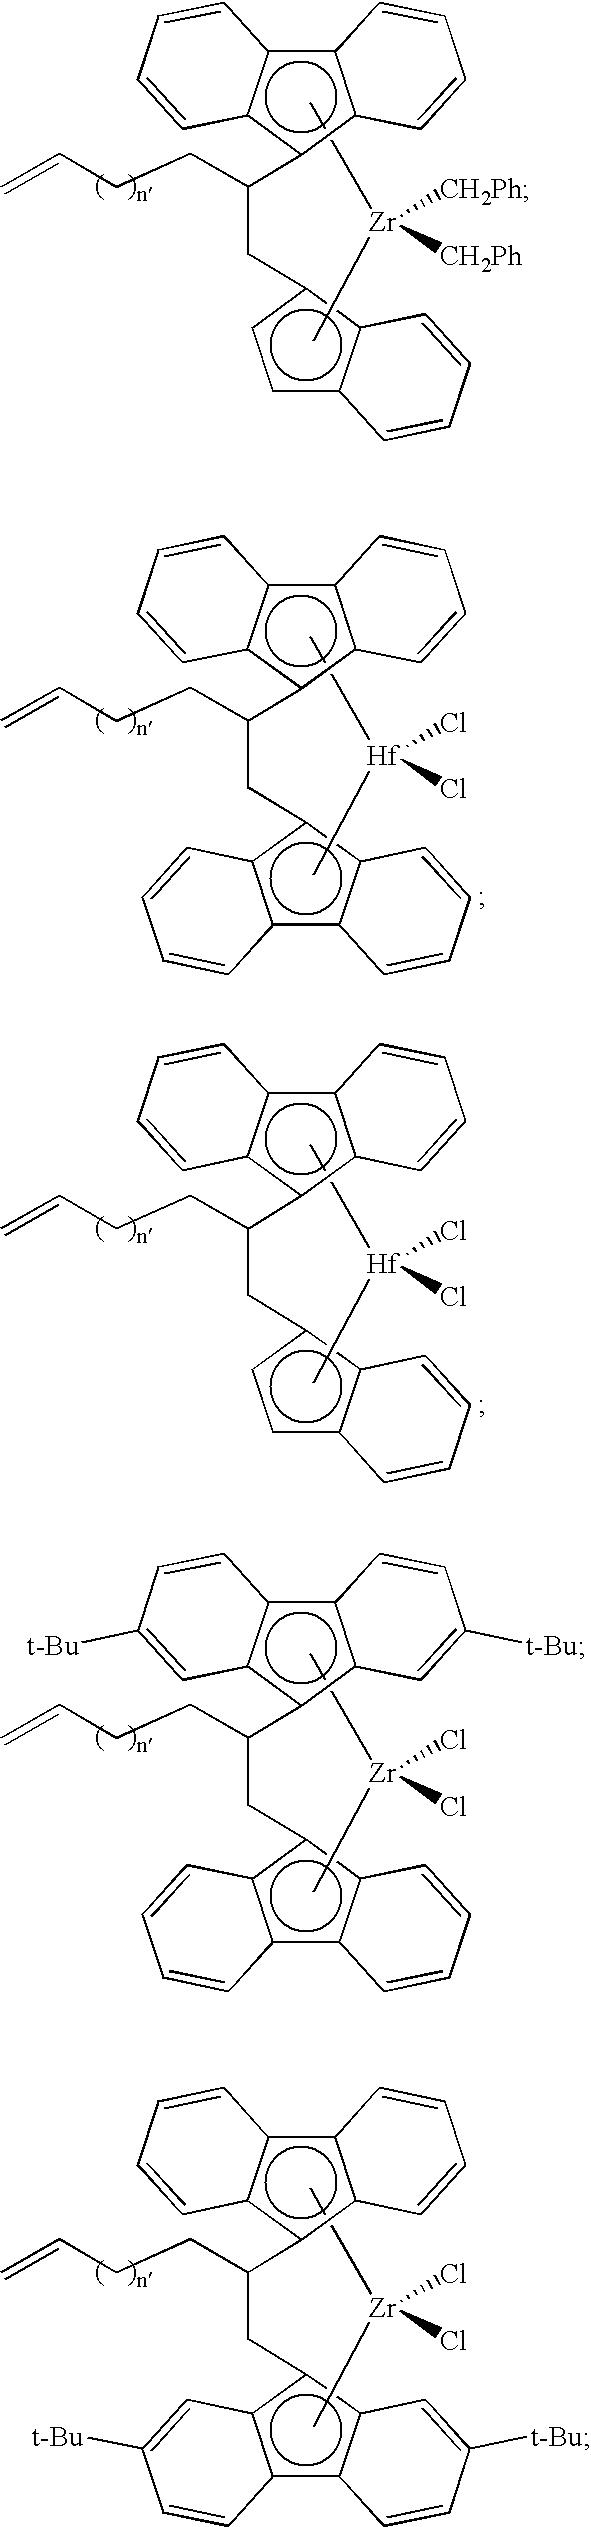 Figure US20100227989A1-20100909-C00014